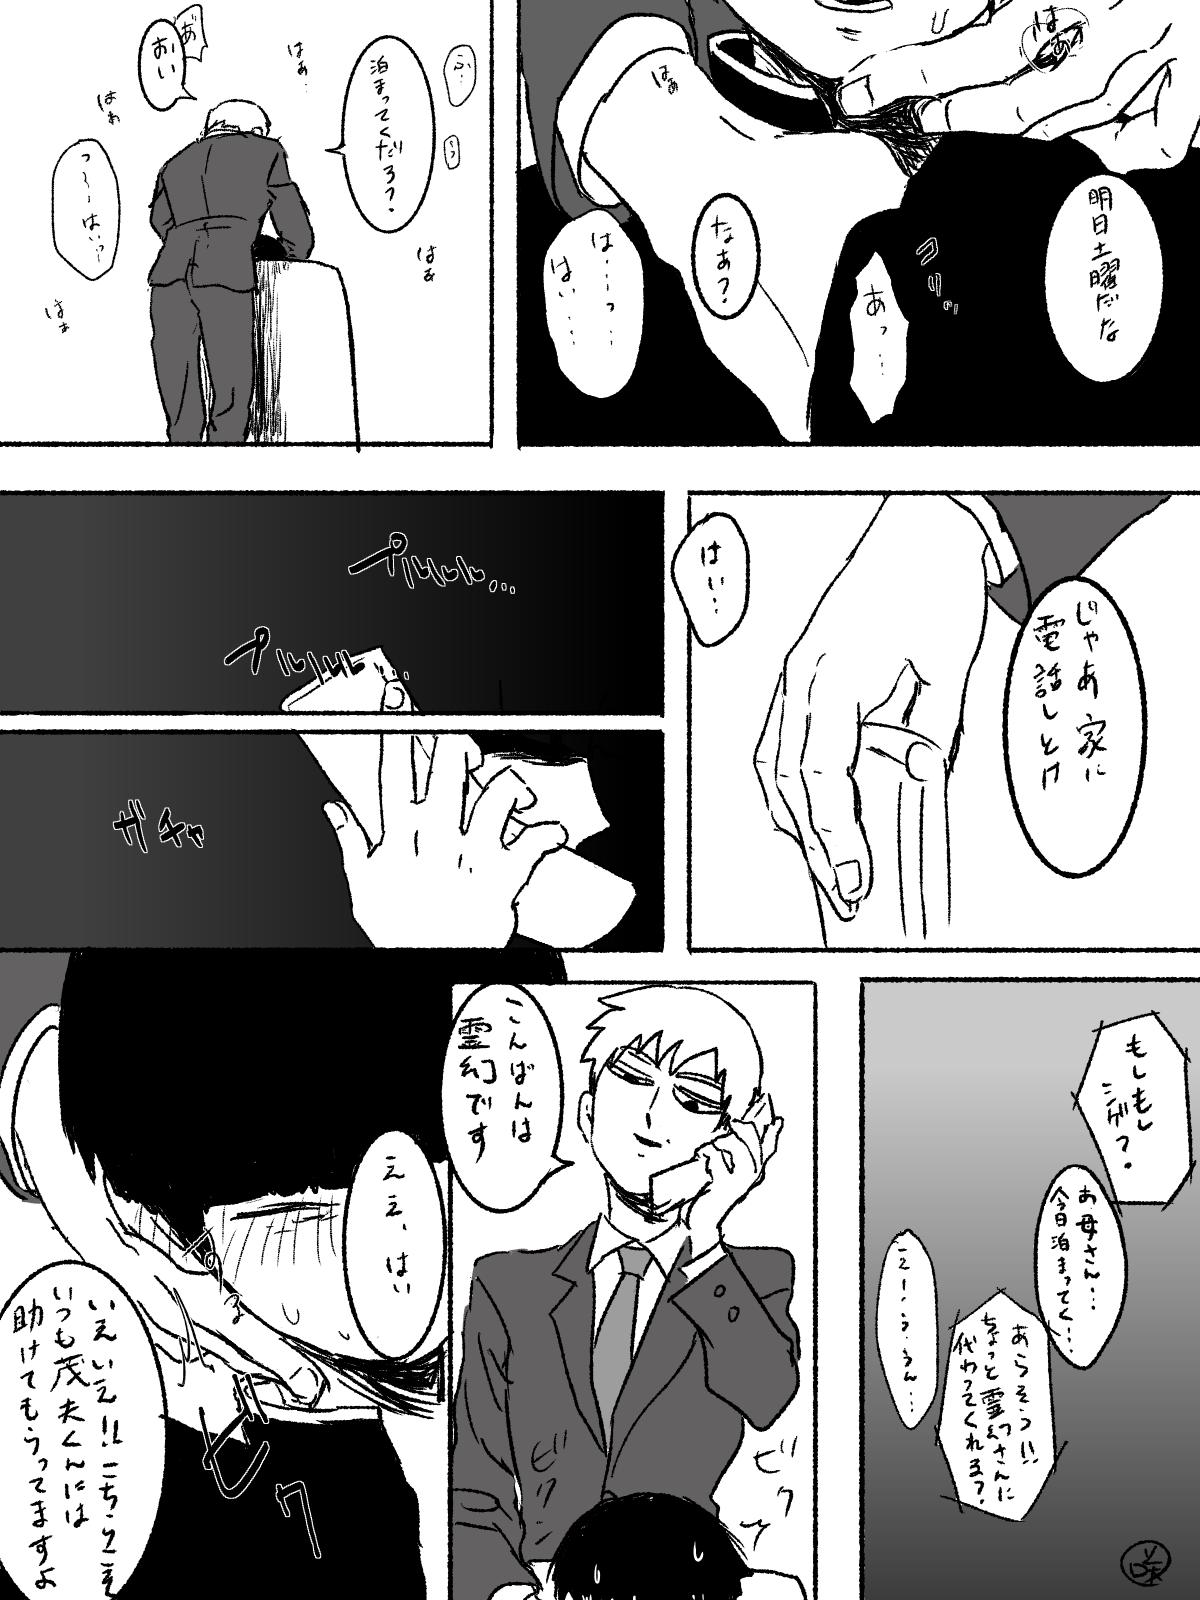 2/3「霊モブマンガ」/「咲丸」の漫画 [pixiv]